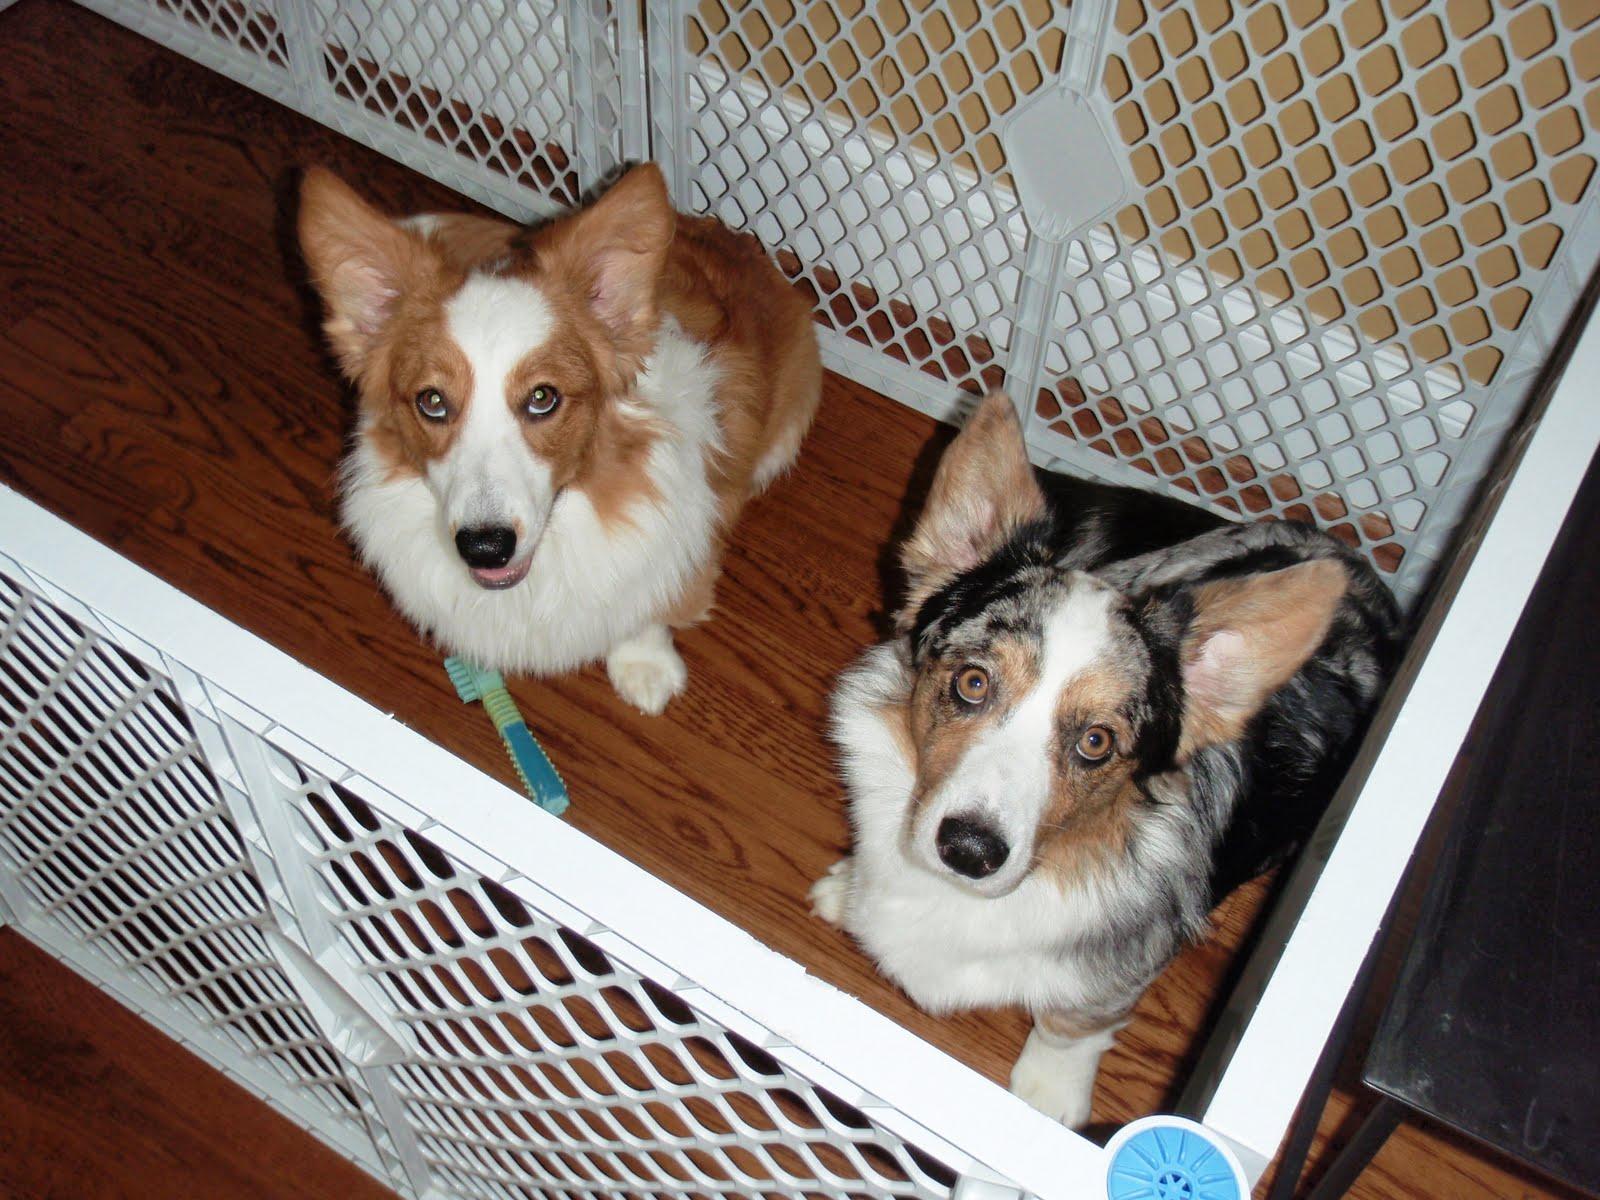 Dog House Freedom Without Damage